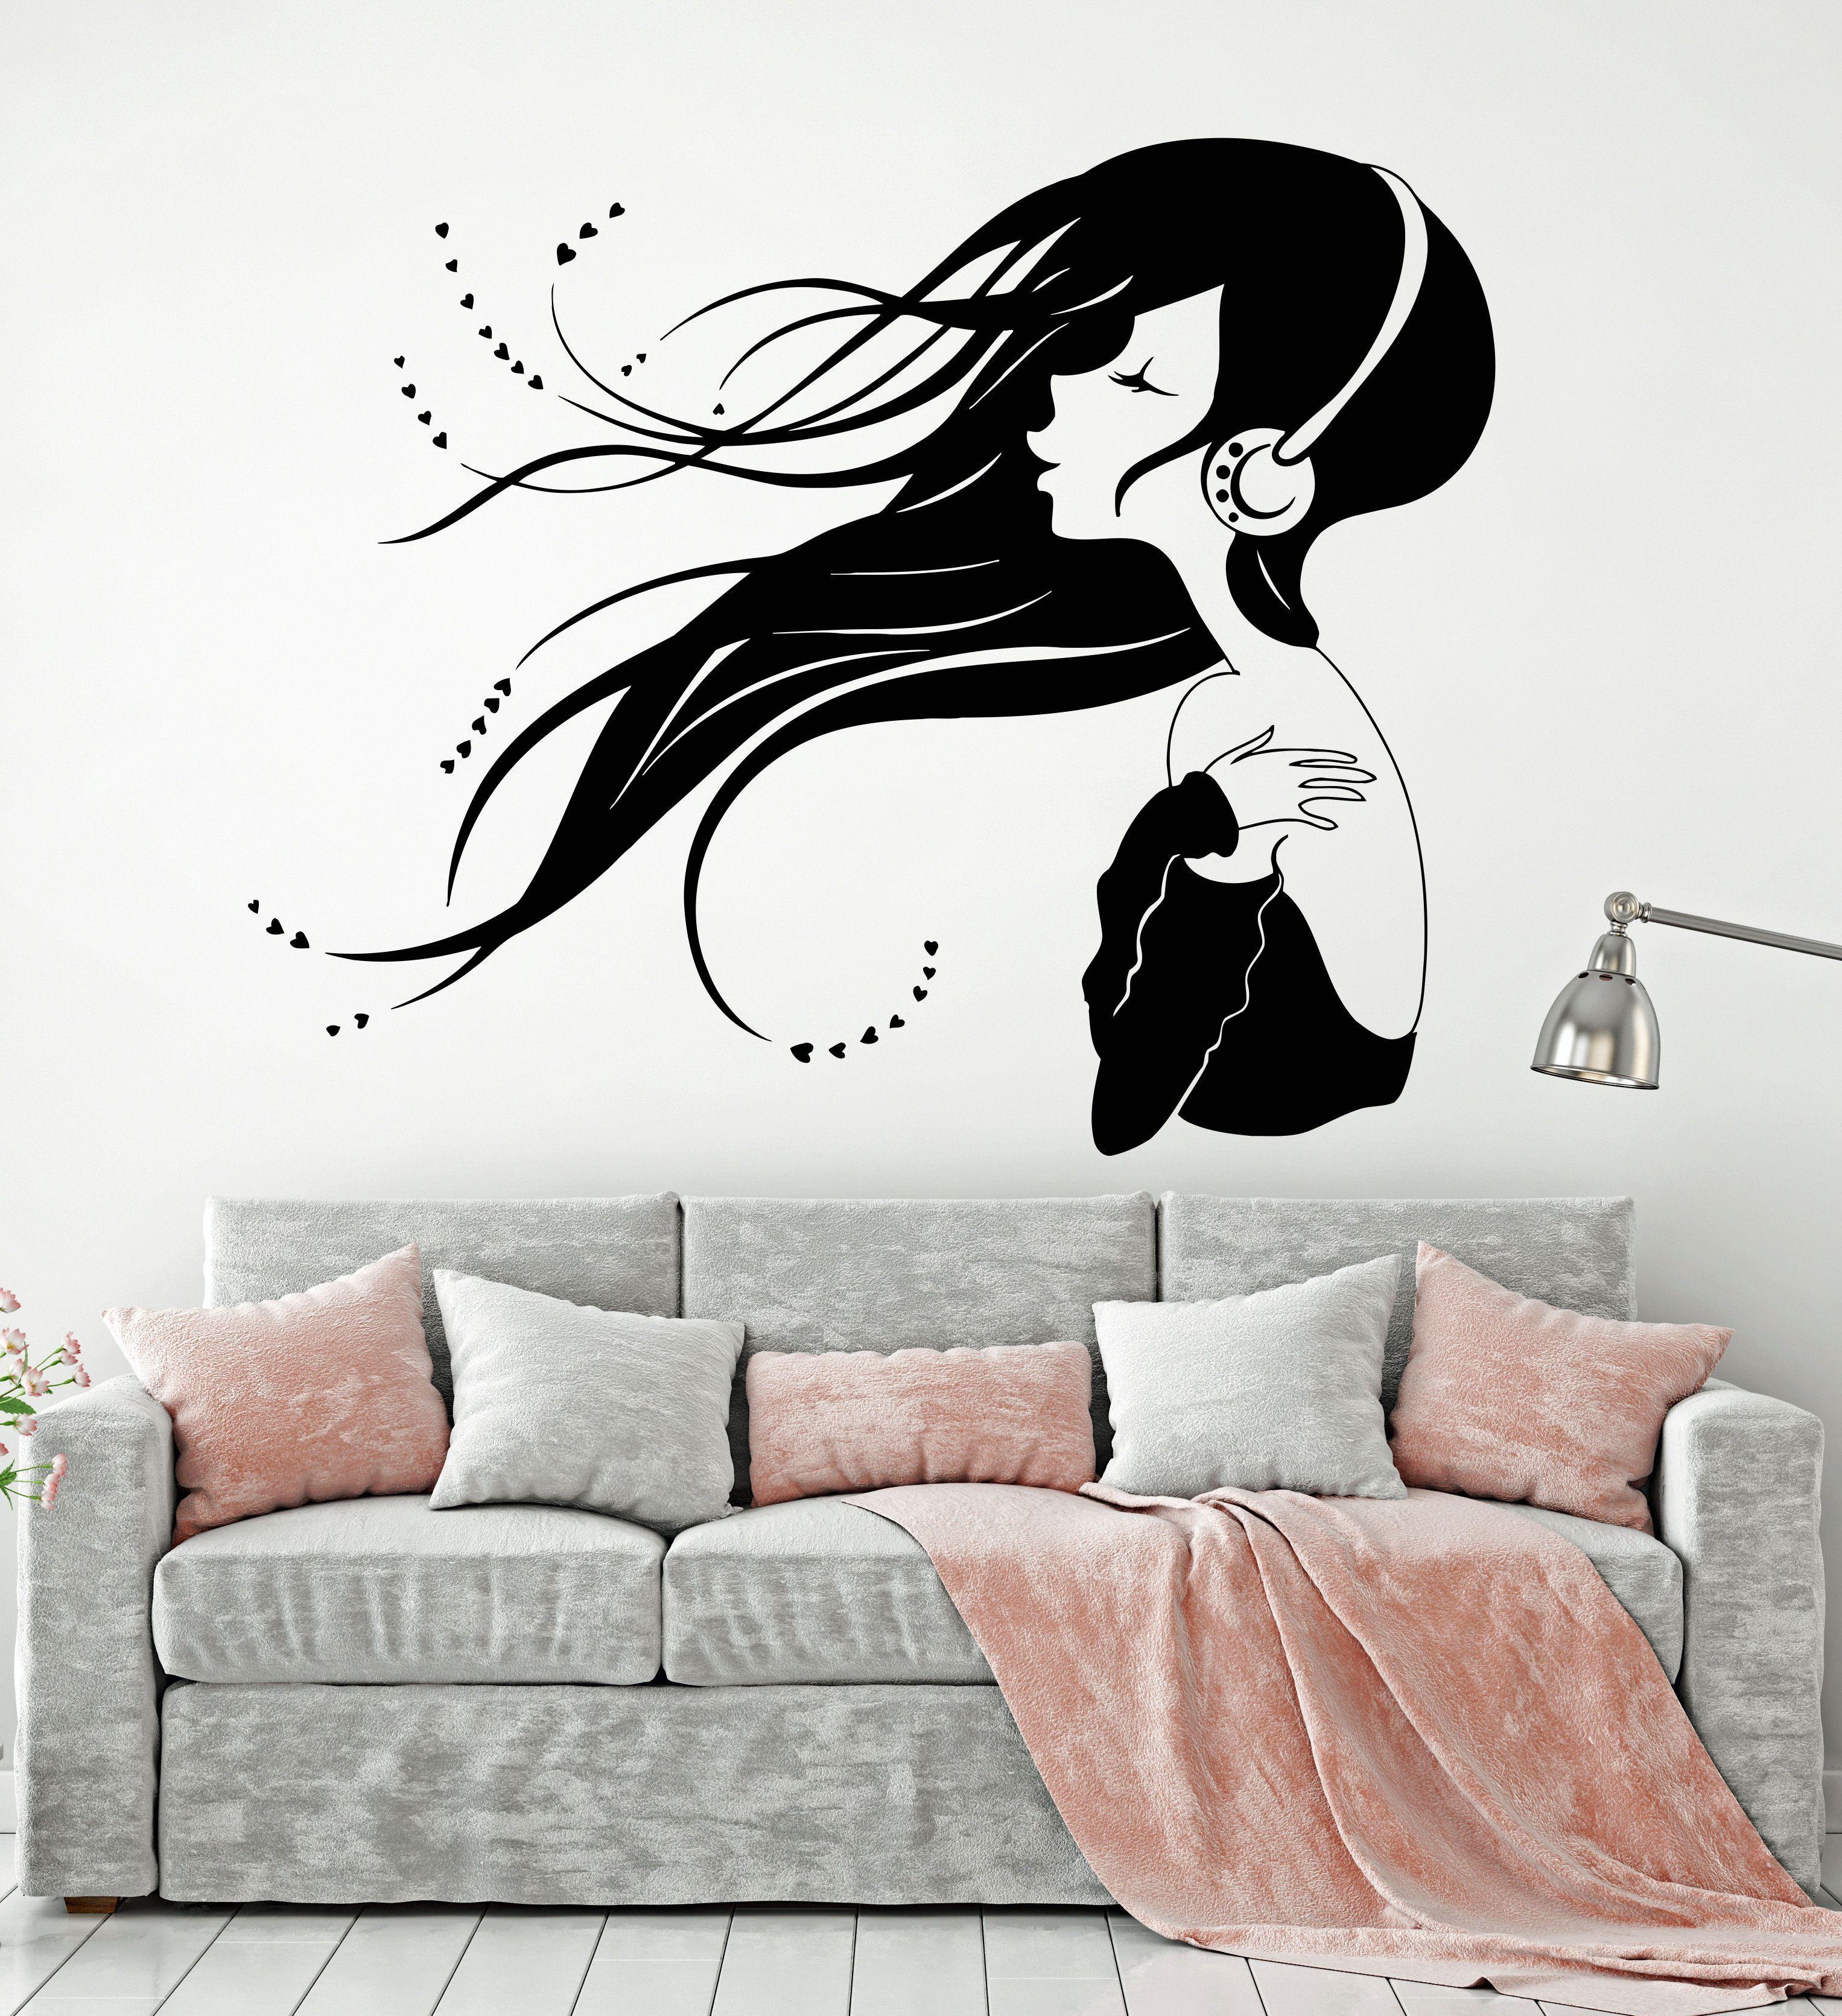 Décoration Maison Autocollant Mural Art Décalque Musique Note amovible papier peint Vinly